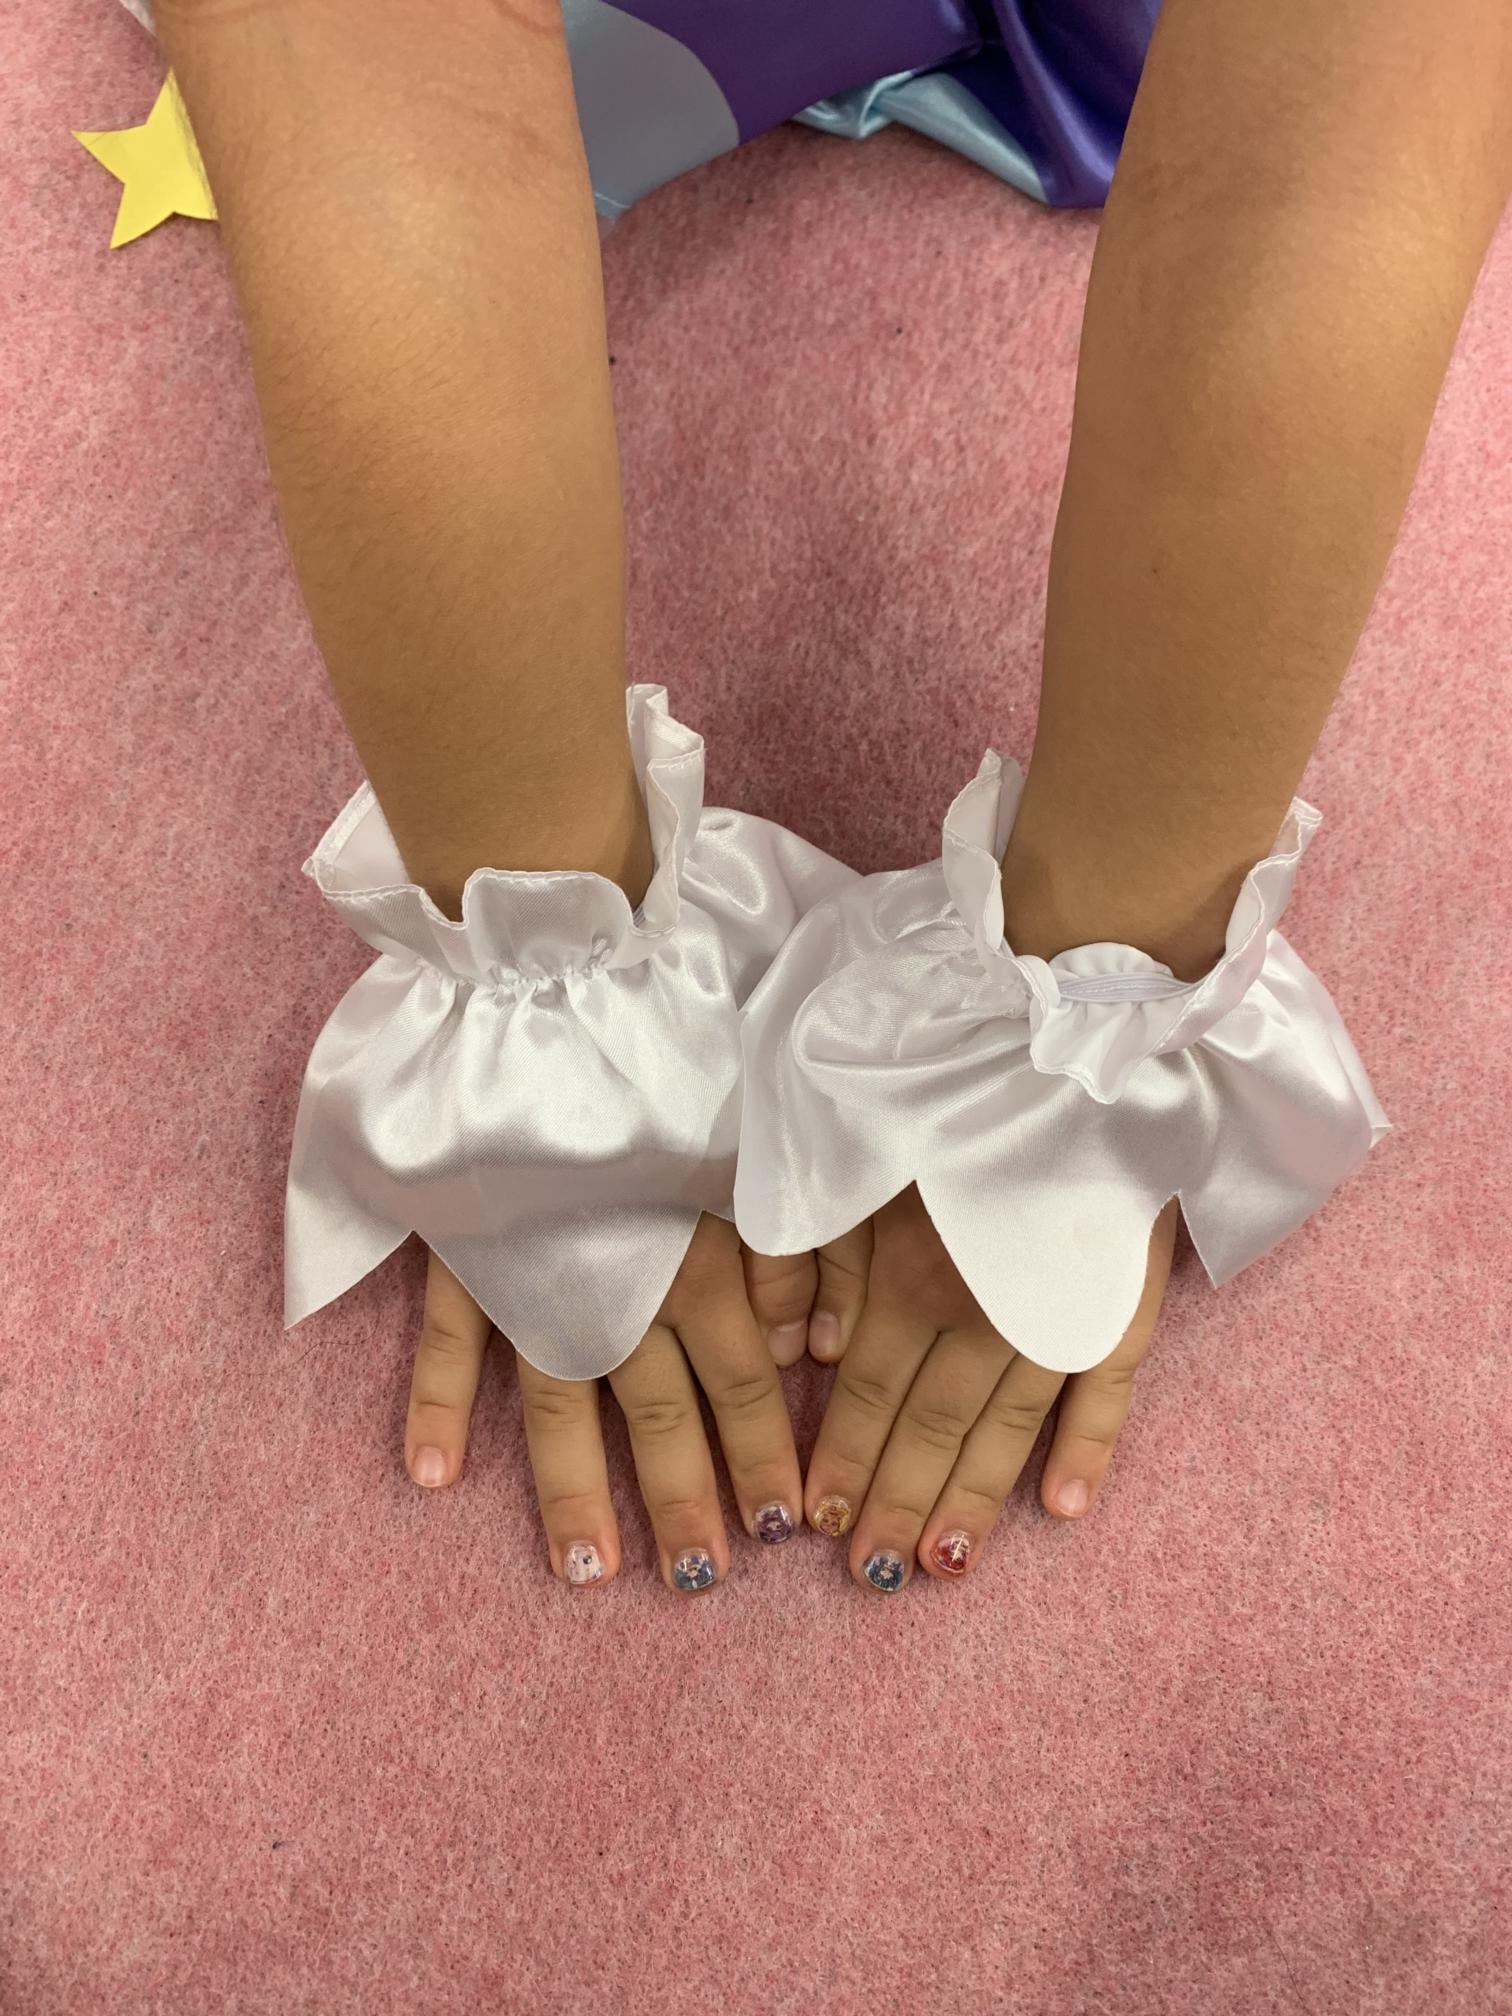 スター☆トゥインクルプリキュア おほしSUMMERバケーション爪にプリキュア